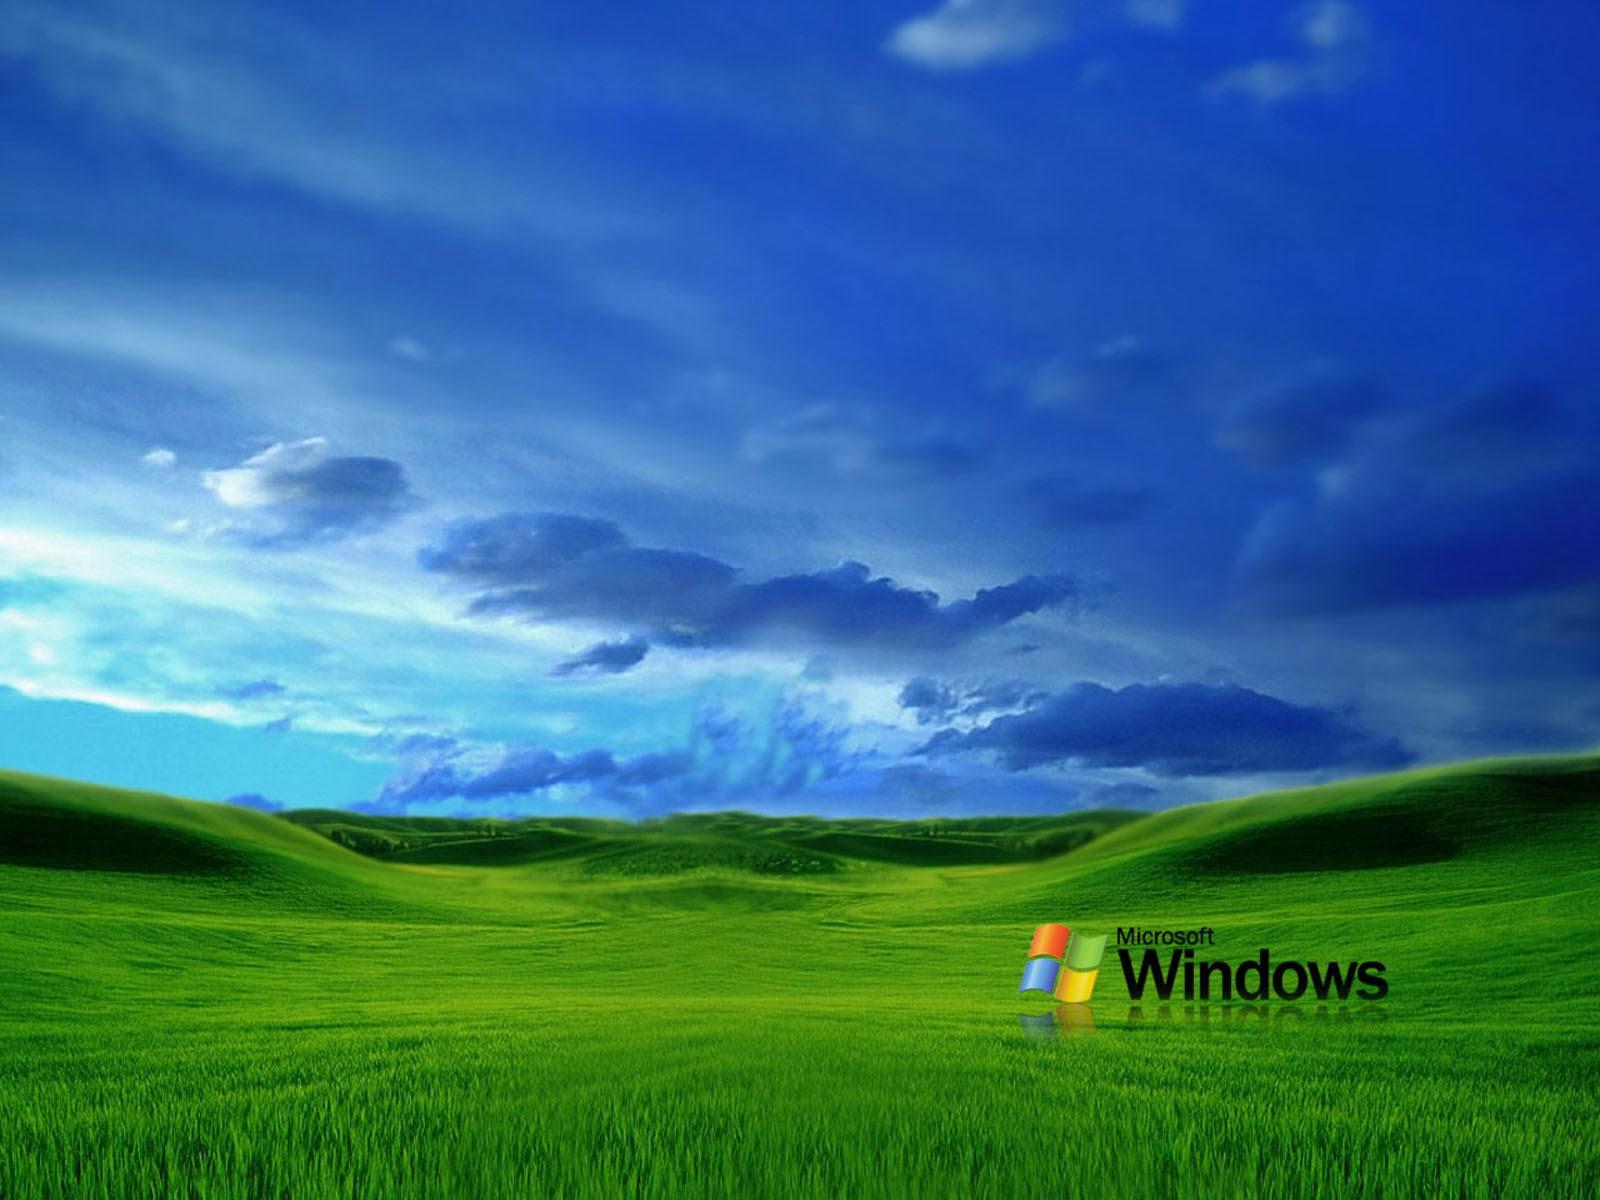 Wallpapers Windows Vista Bliss Wallpapers 1Wallpaper